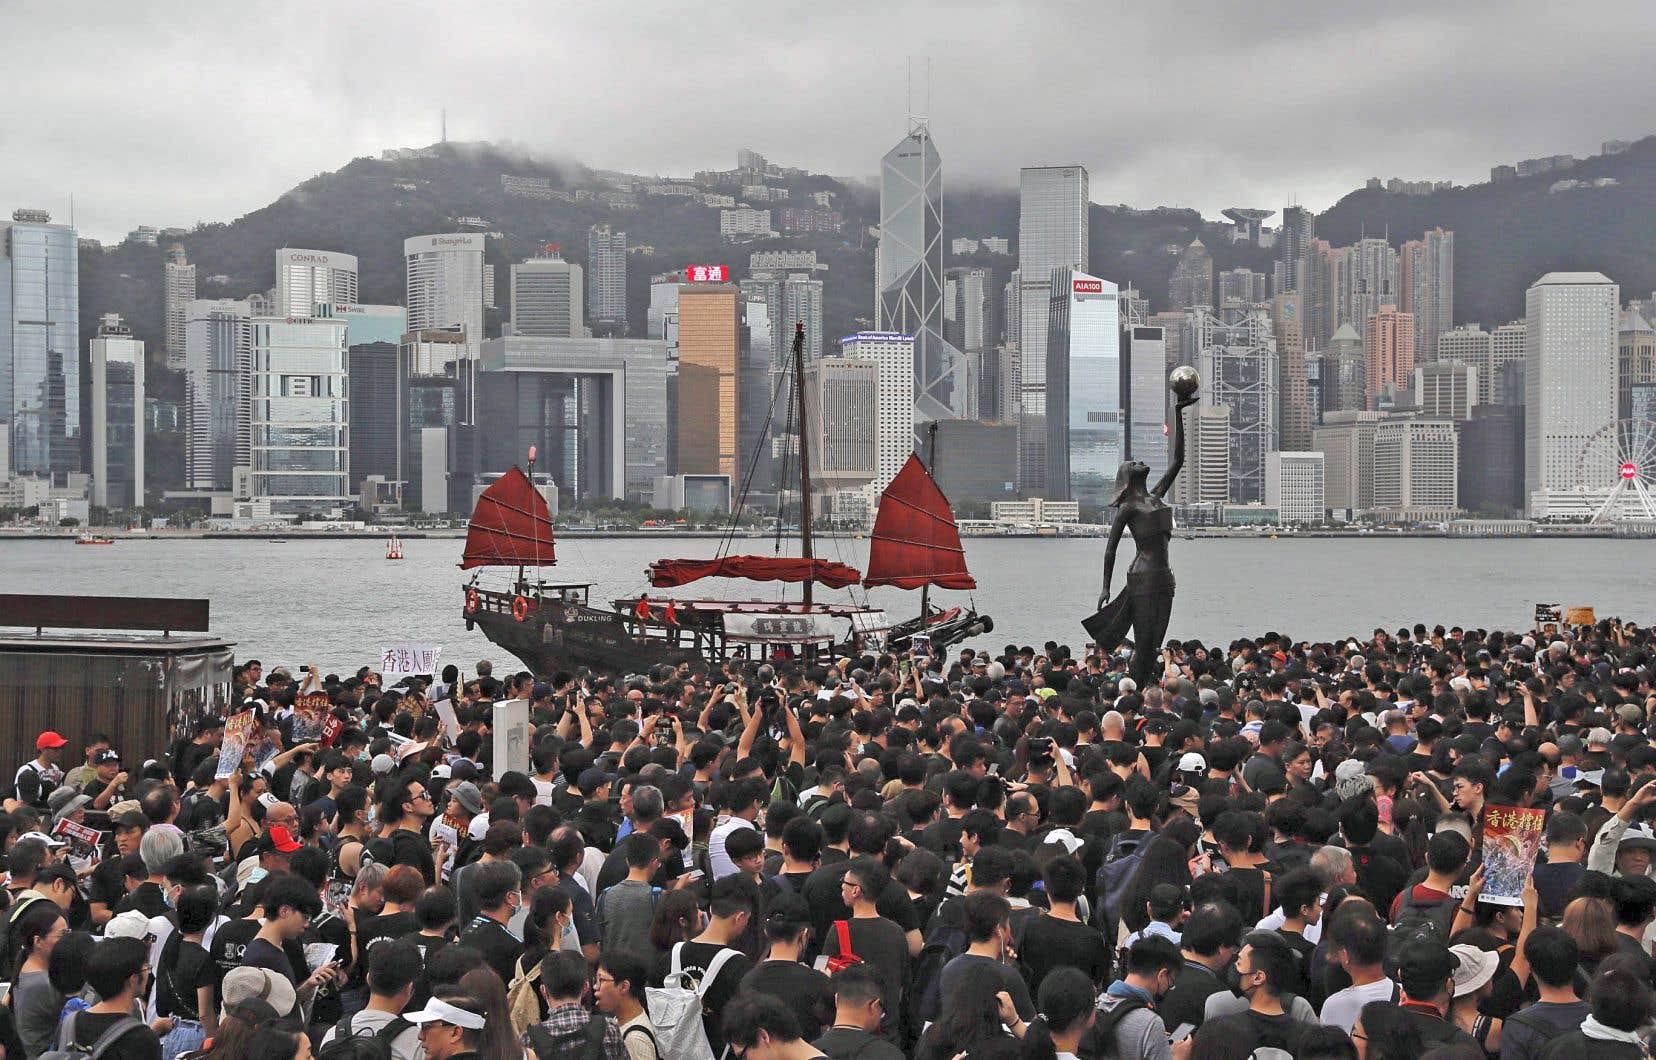 Des manifestants contre la nouvelle politique d'extradition marchant non loin du centre-ville de Hong Kong, le 7 juillet dernier.